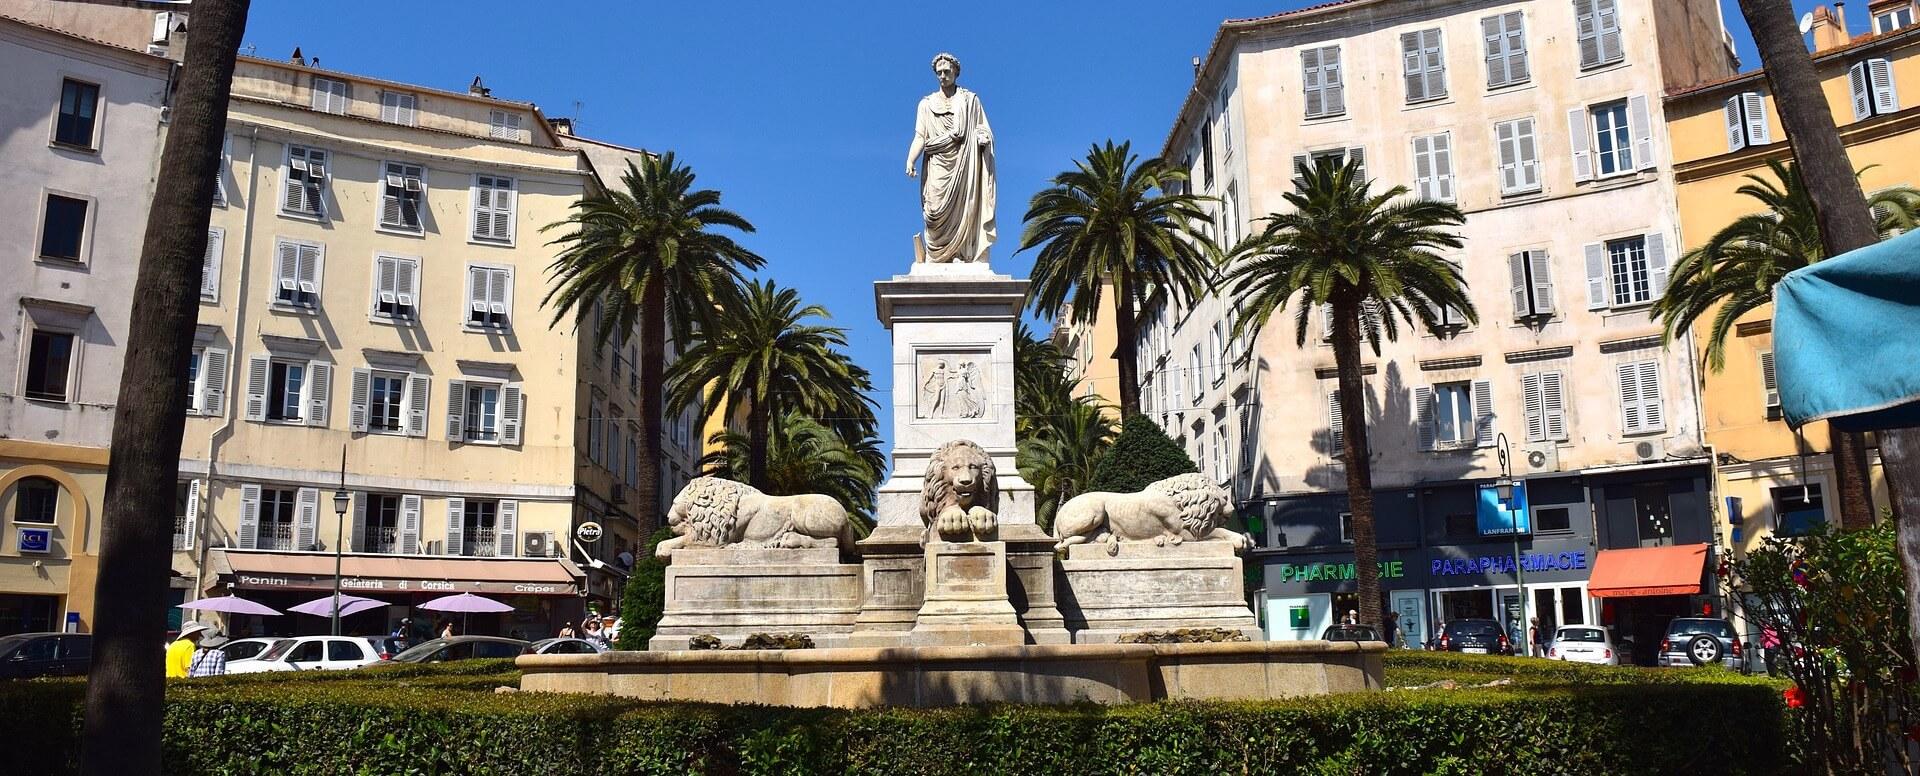 10. Admirer le musée de la maison Bonaparte à Ajaccio - Corse